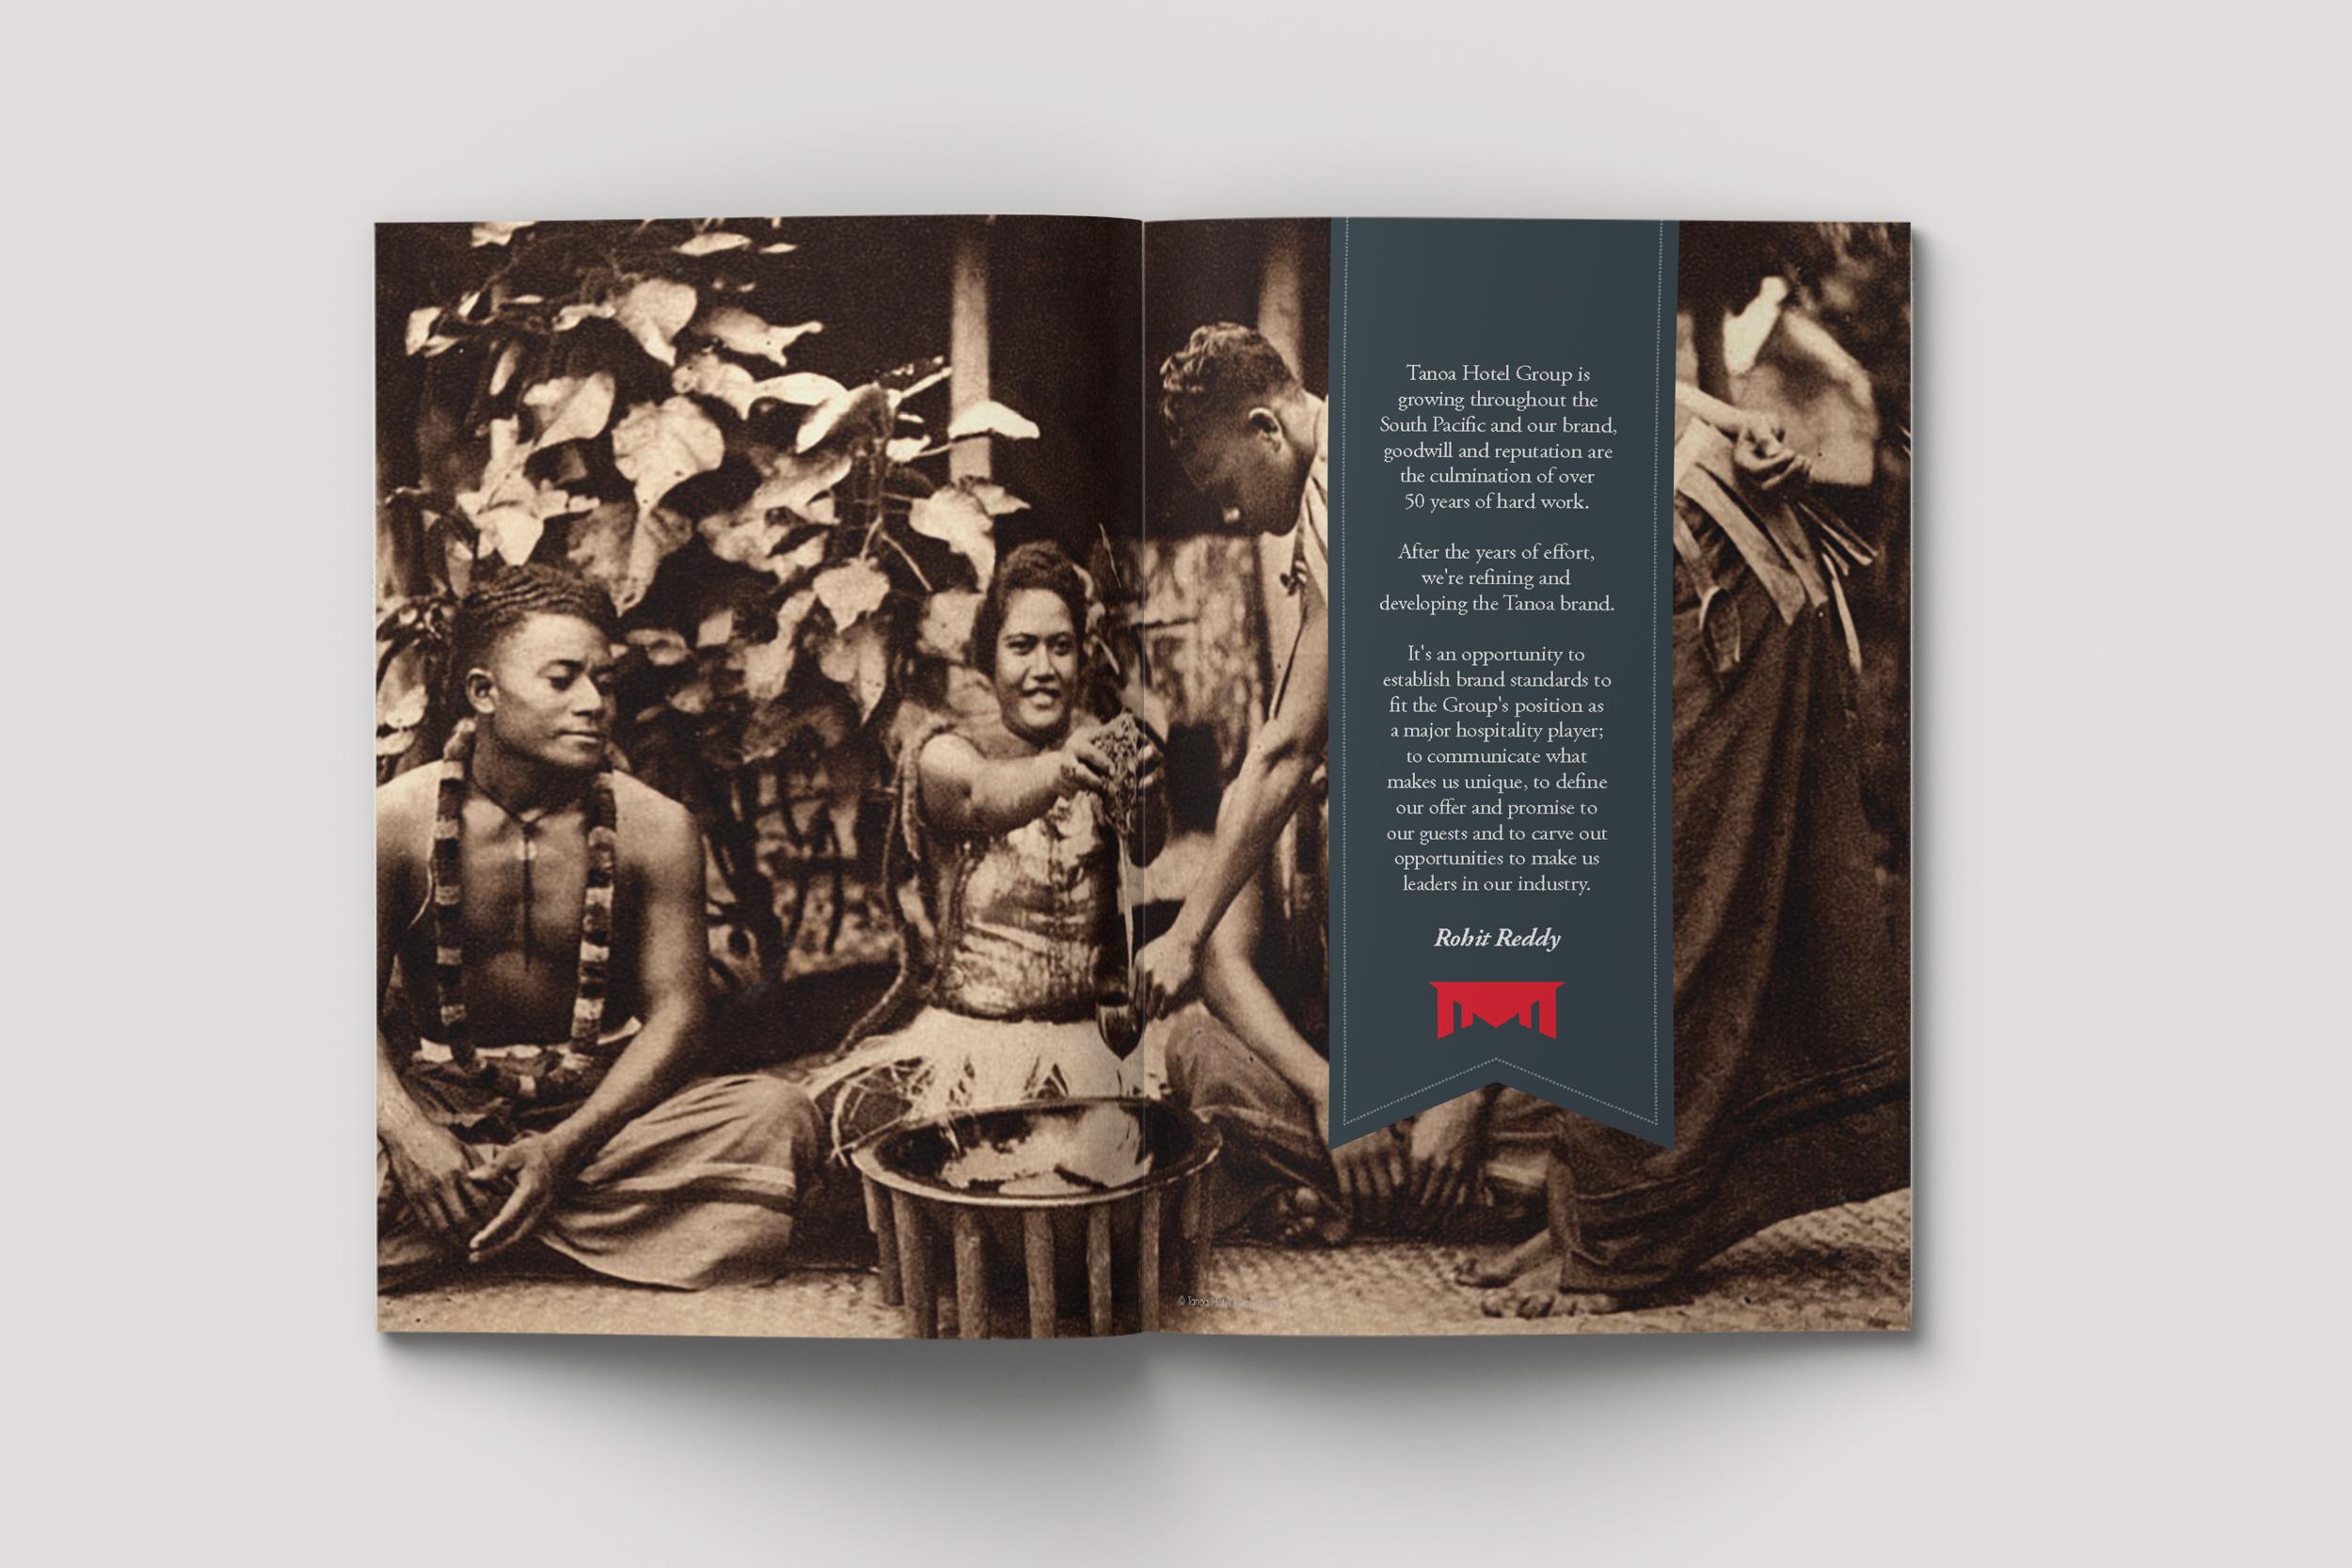 Tanoa-Spread-brown-image-2500×1667-1